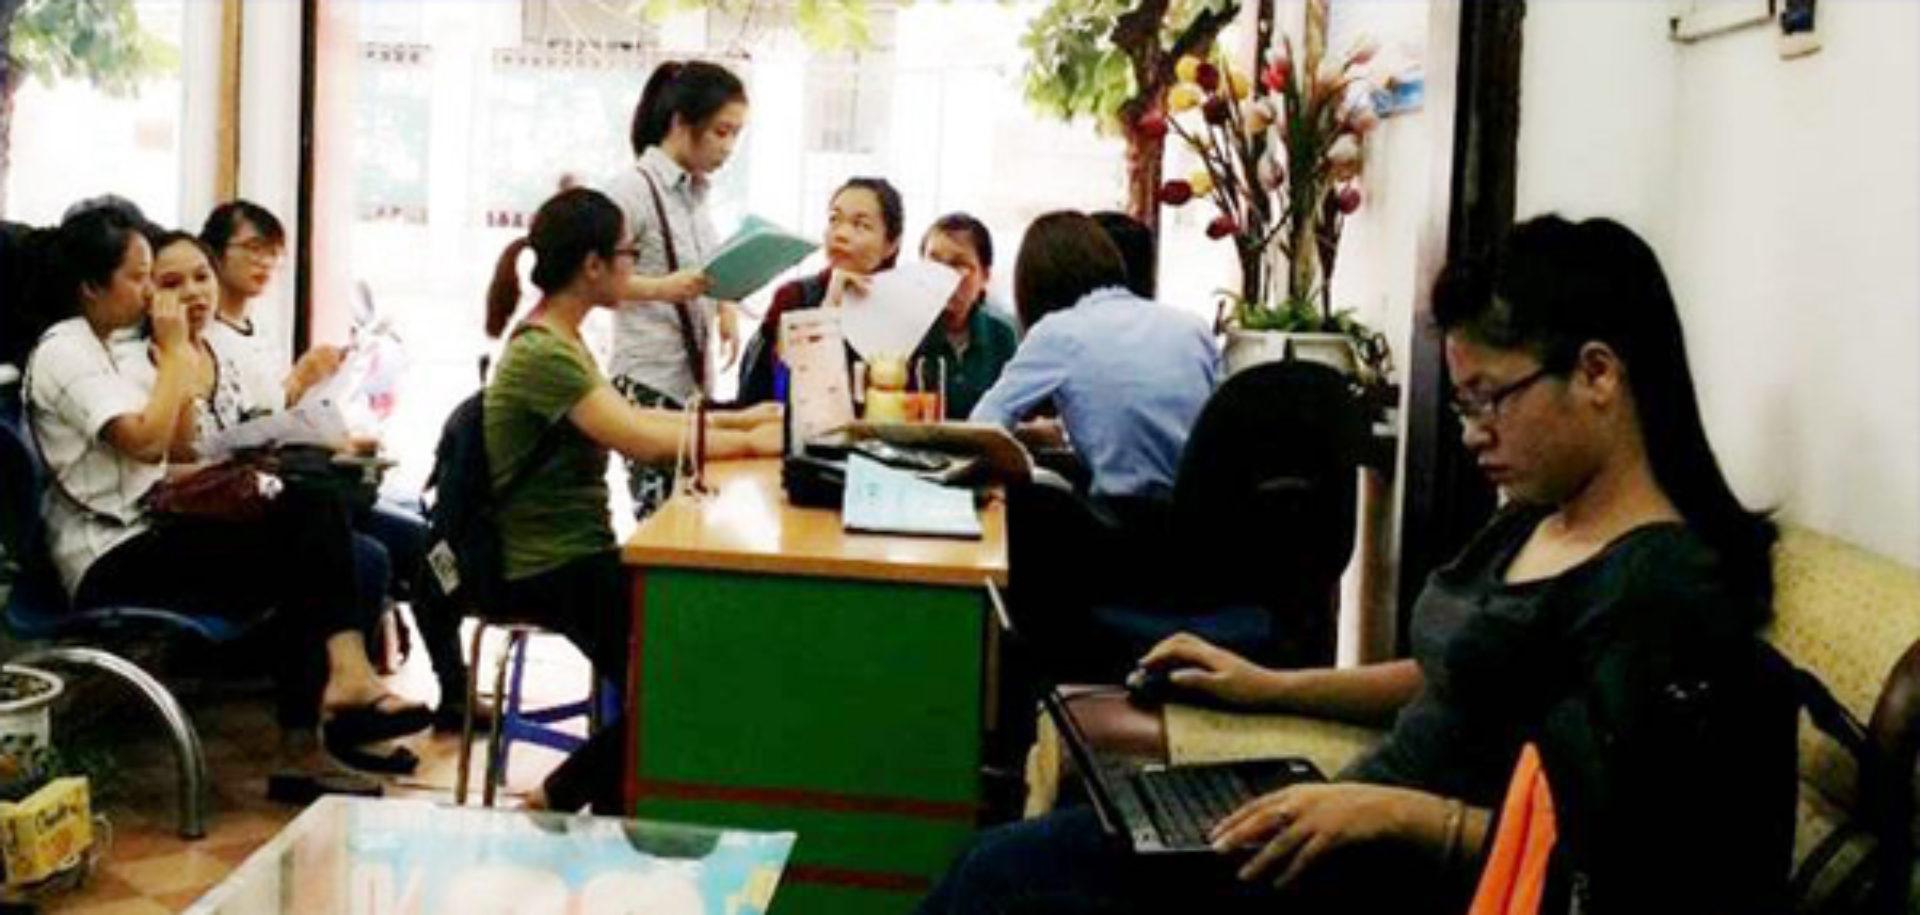 đăng ký học tin văn phòng tổng hợp